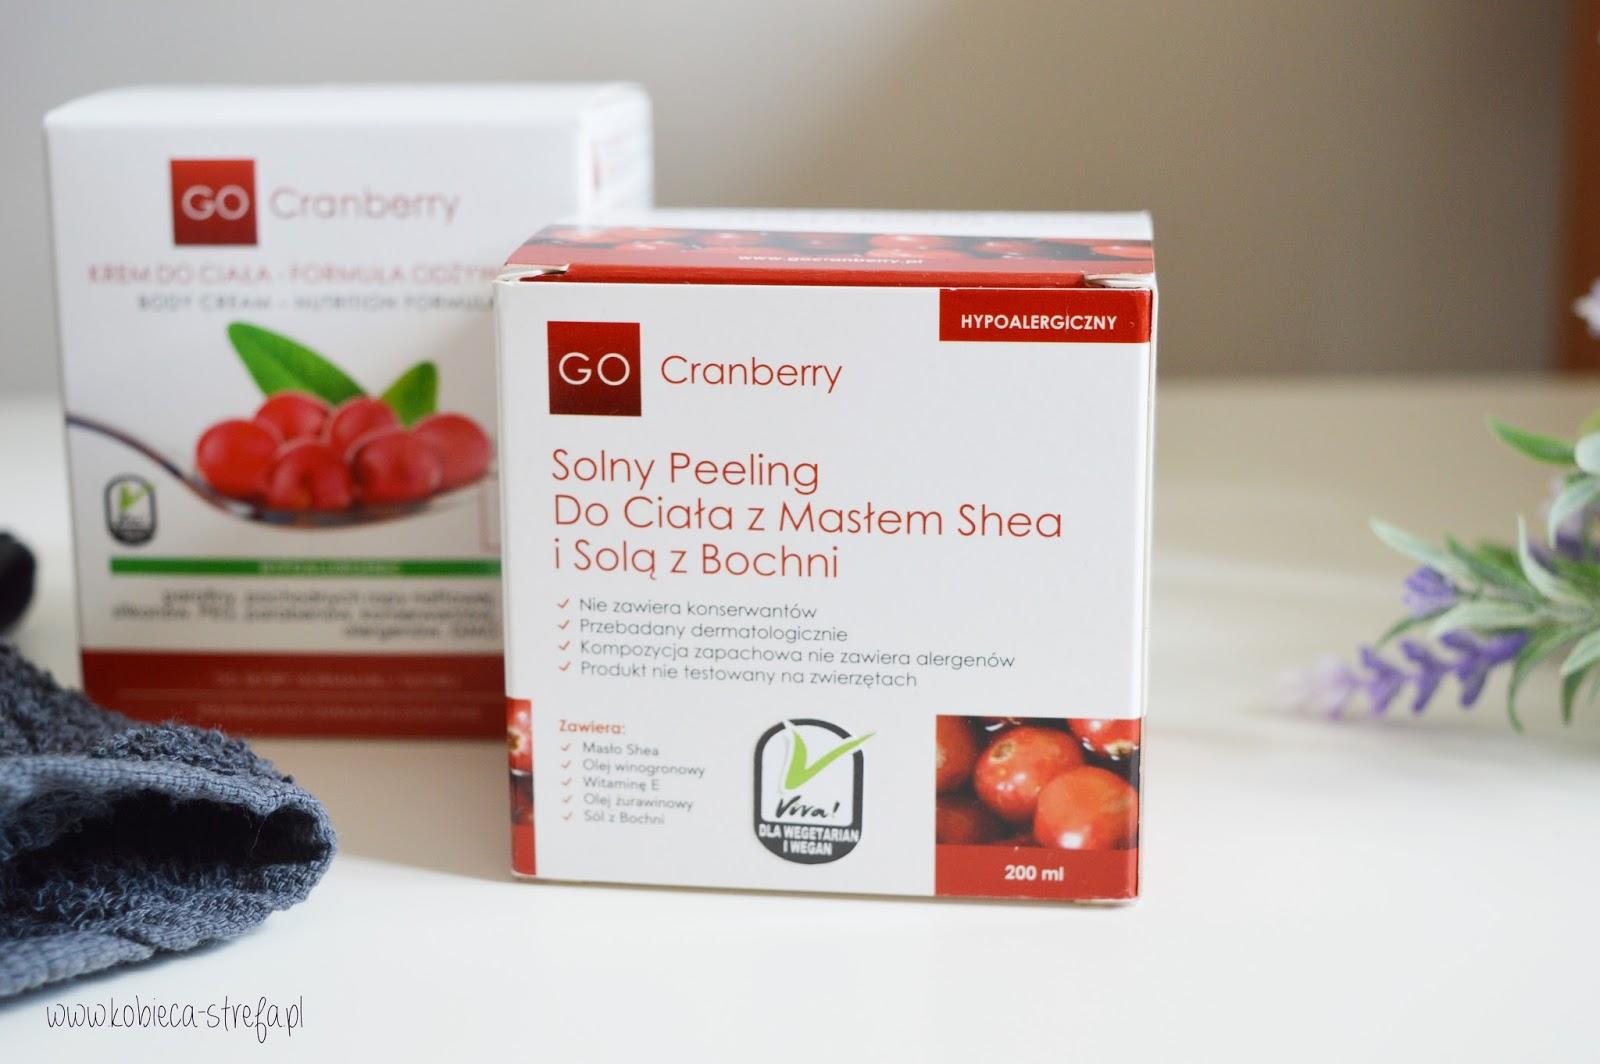 Kosmetyki do ciała o świetnym składzie i przyjemny zapachu - GoCranberry